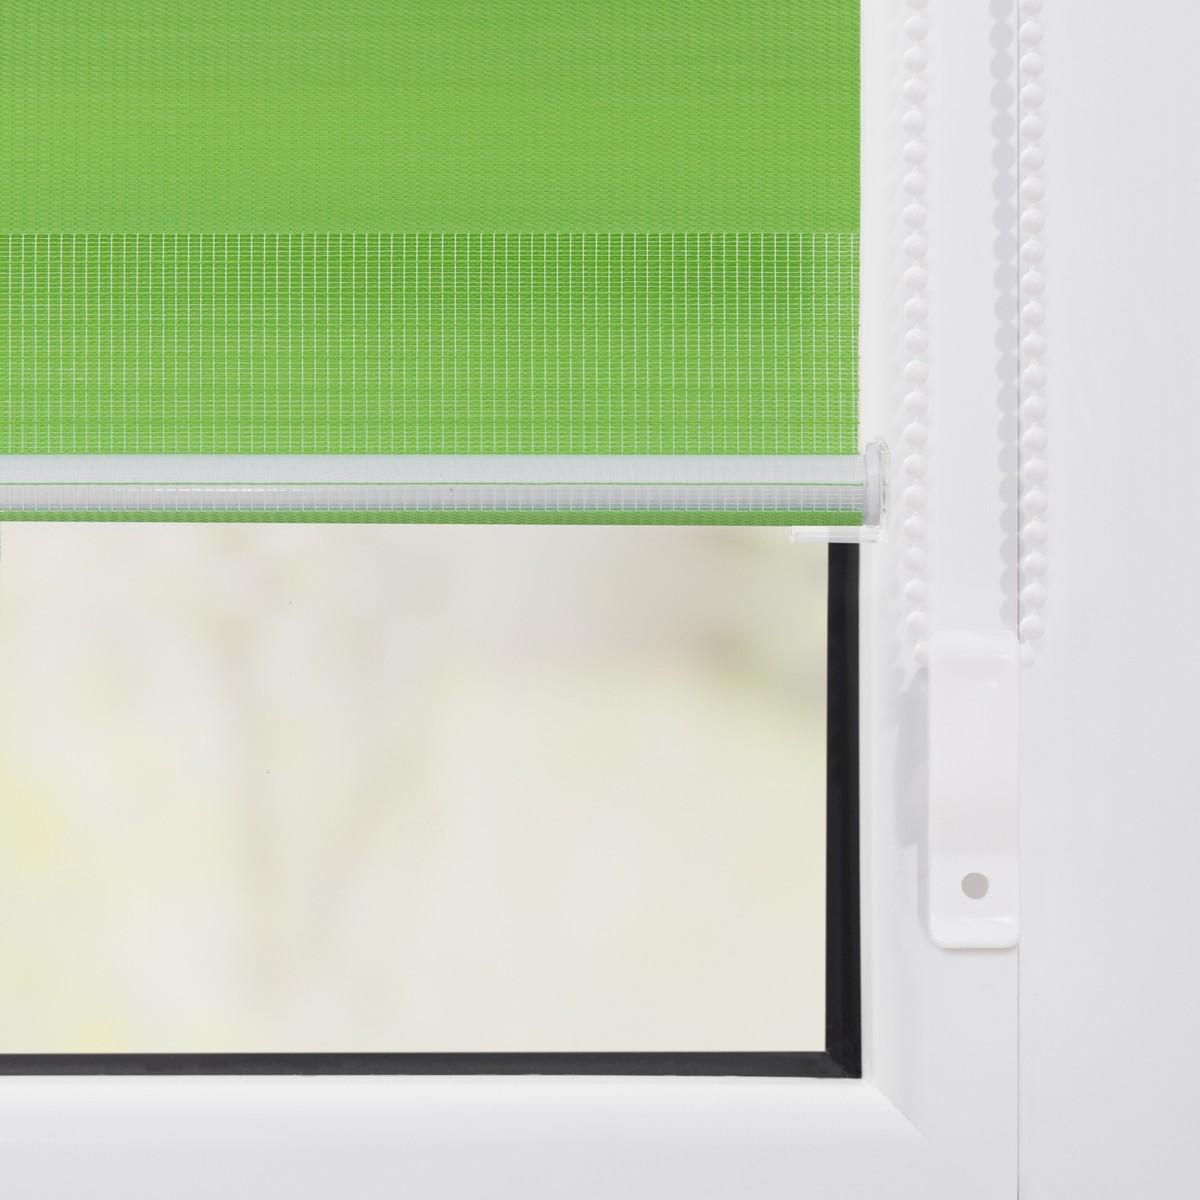 Bild 4 von Lichtblick Duo-Rollo Klemmfix, ohne Bohren - Grün, 70 cm x 150 cm (B x L)